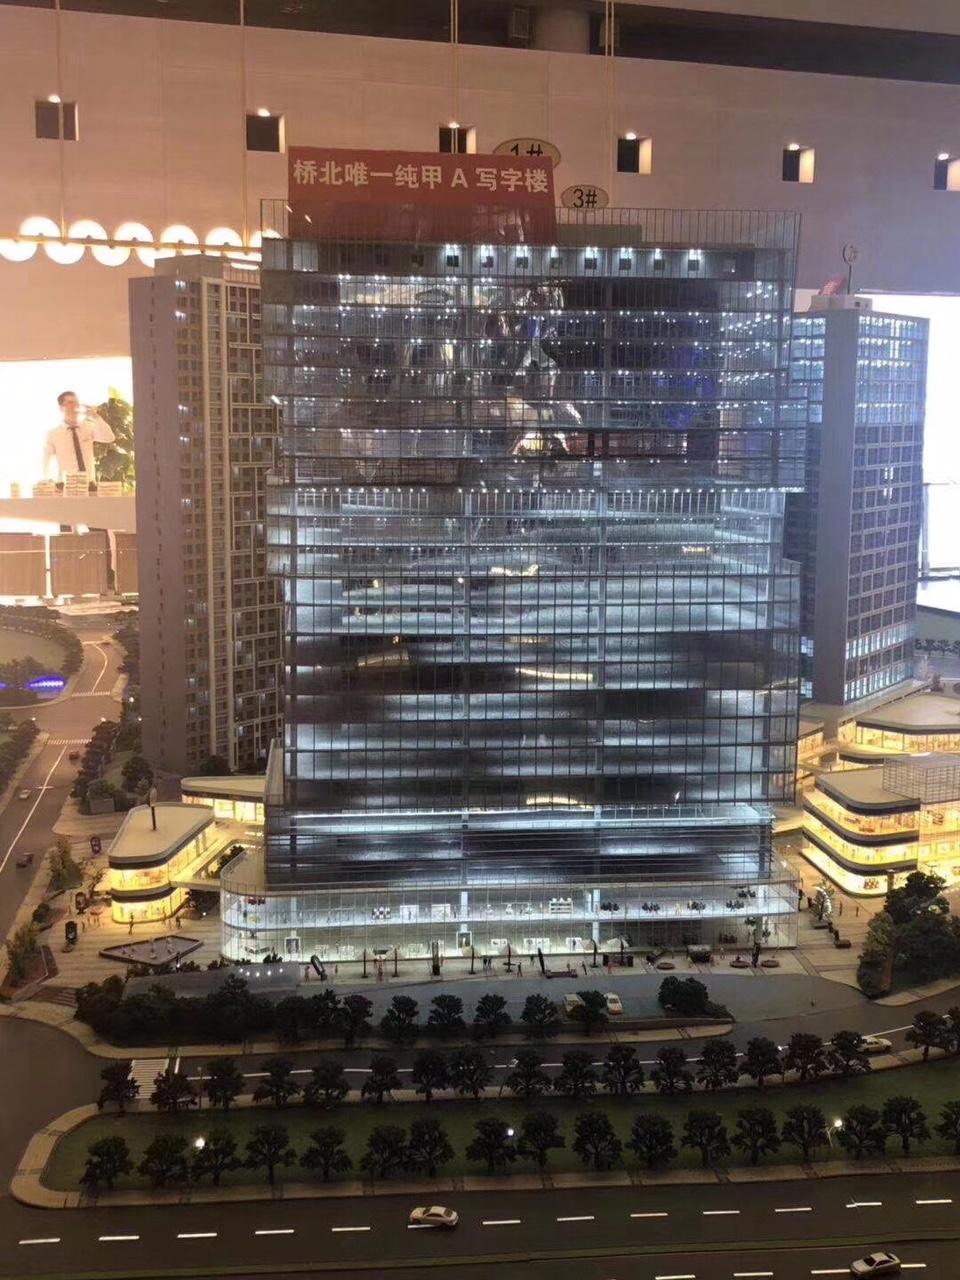 桥北核心弘阳广场印象汇旁的5A级写字楼弘阳时代中心